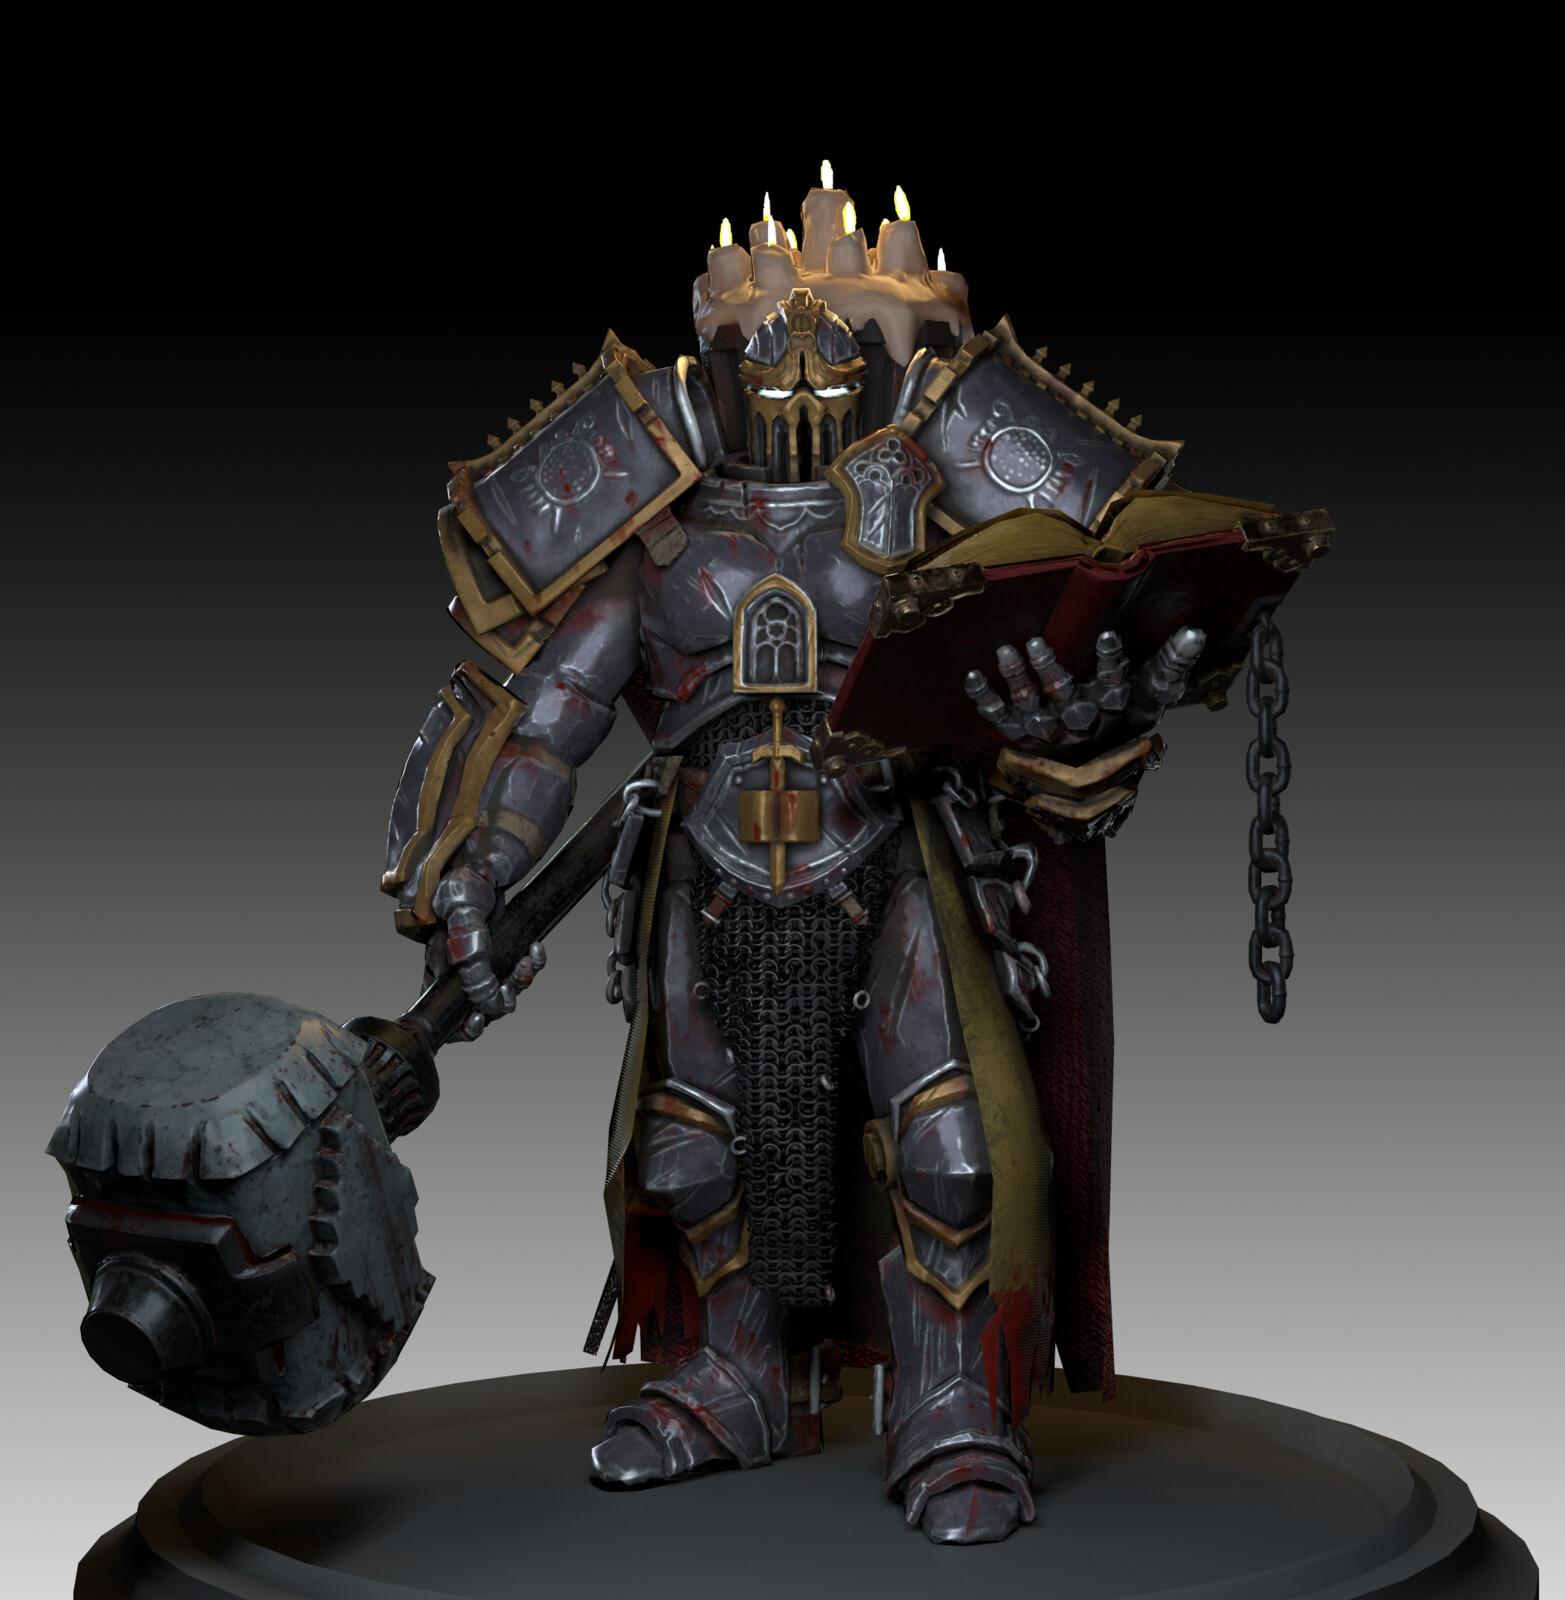 Dark Castle Warrior Game Character